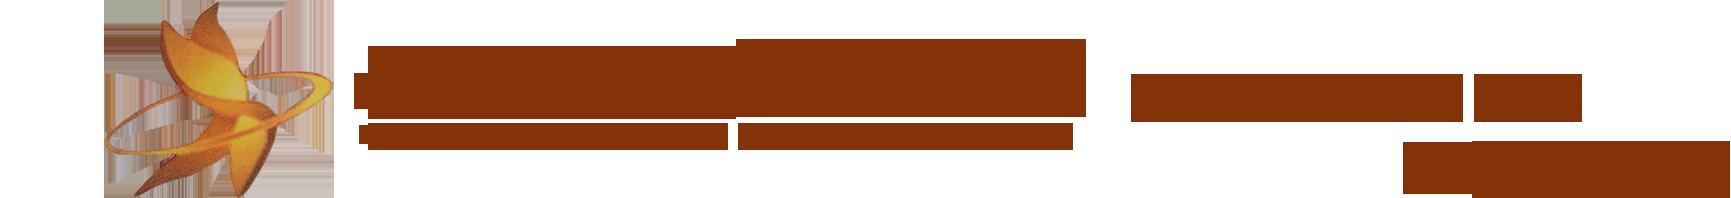 兰州AG棋牌app下载机电有限公司